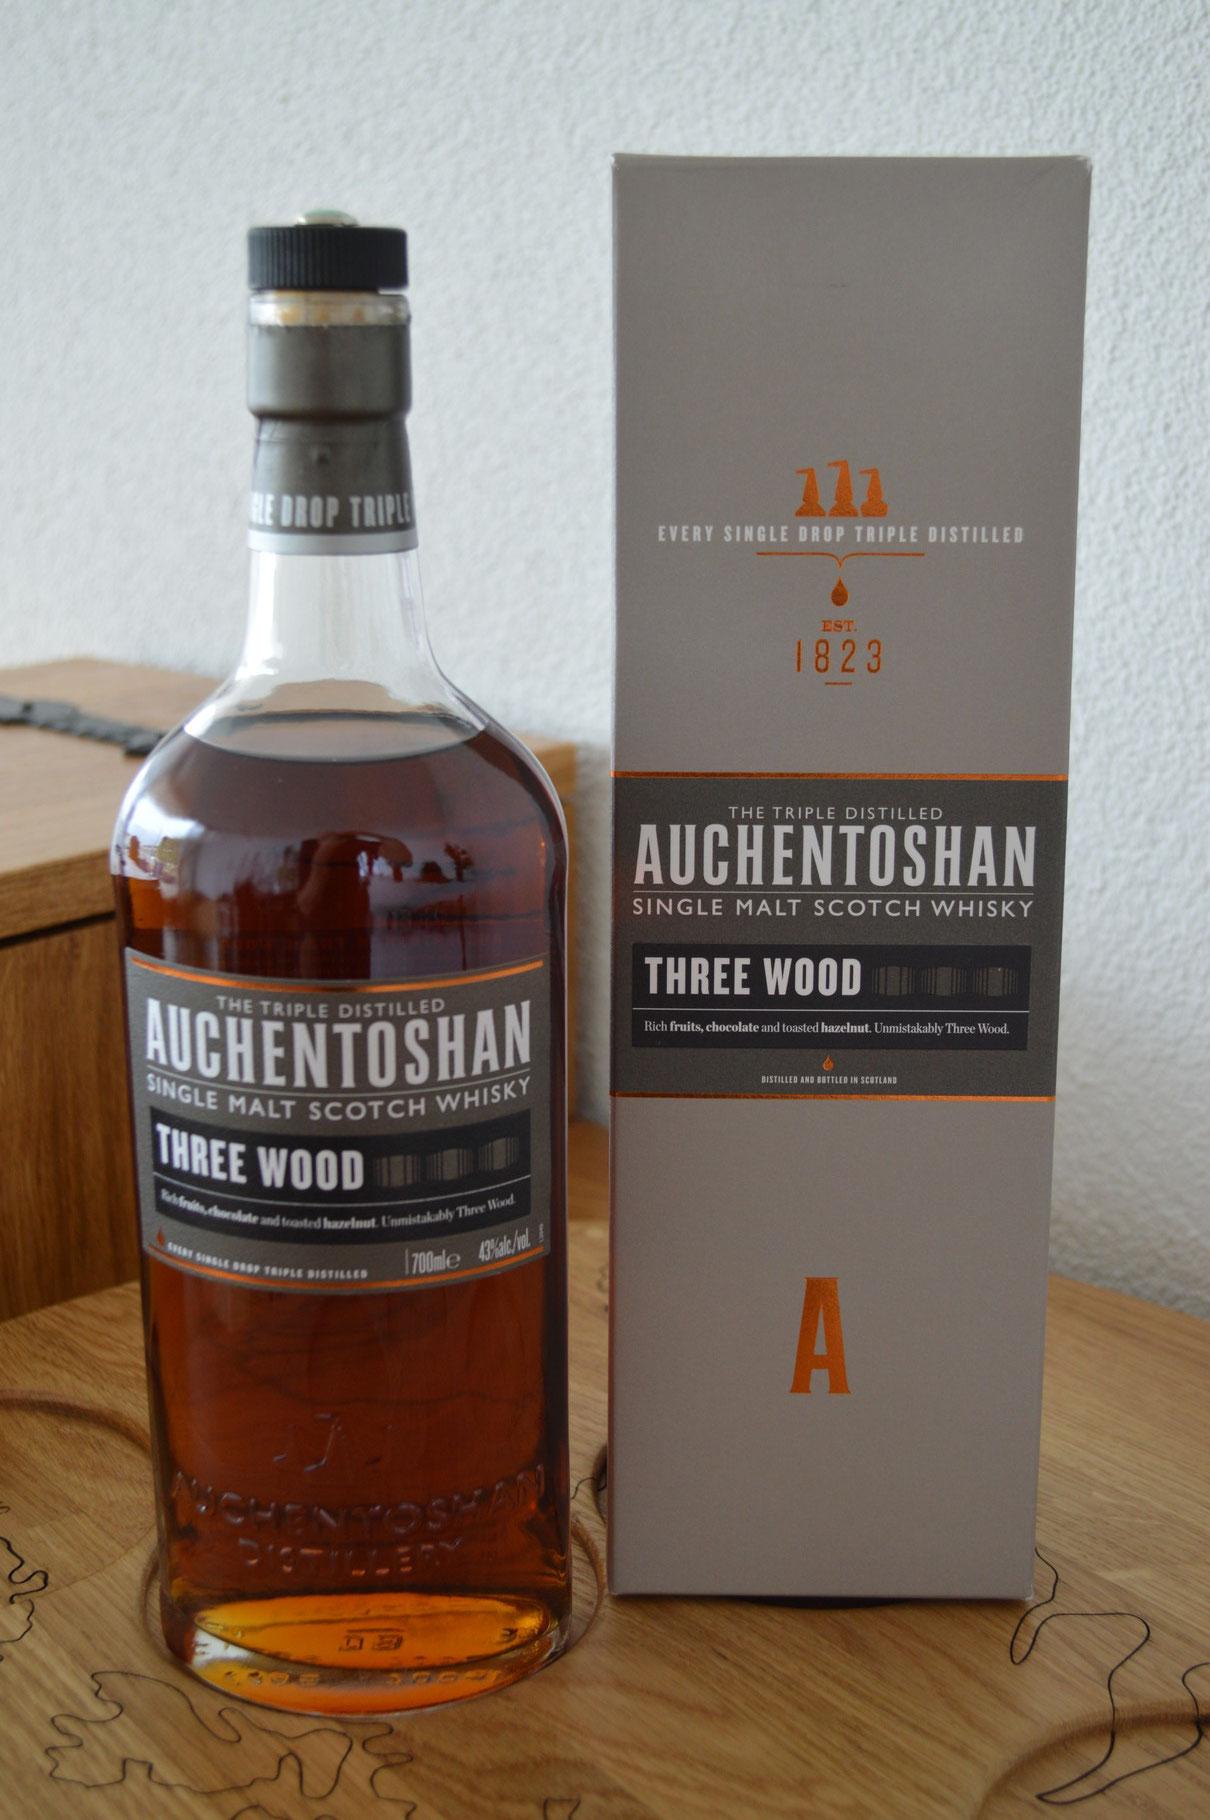 LOWLANDS - Auchentoshan* - Bottler: Original - 70cl - 46% - Three Wood